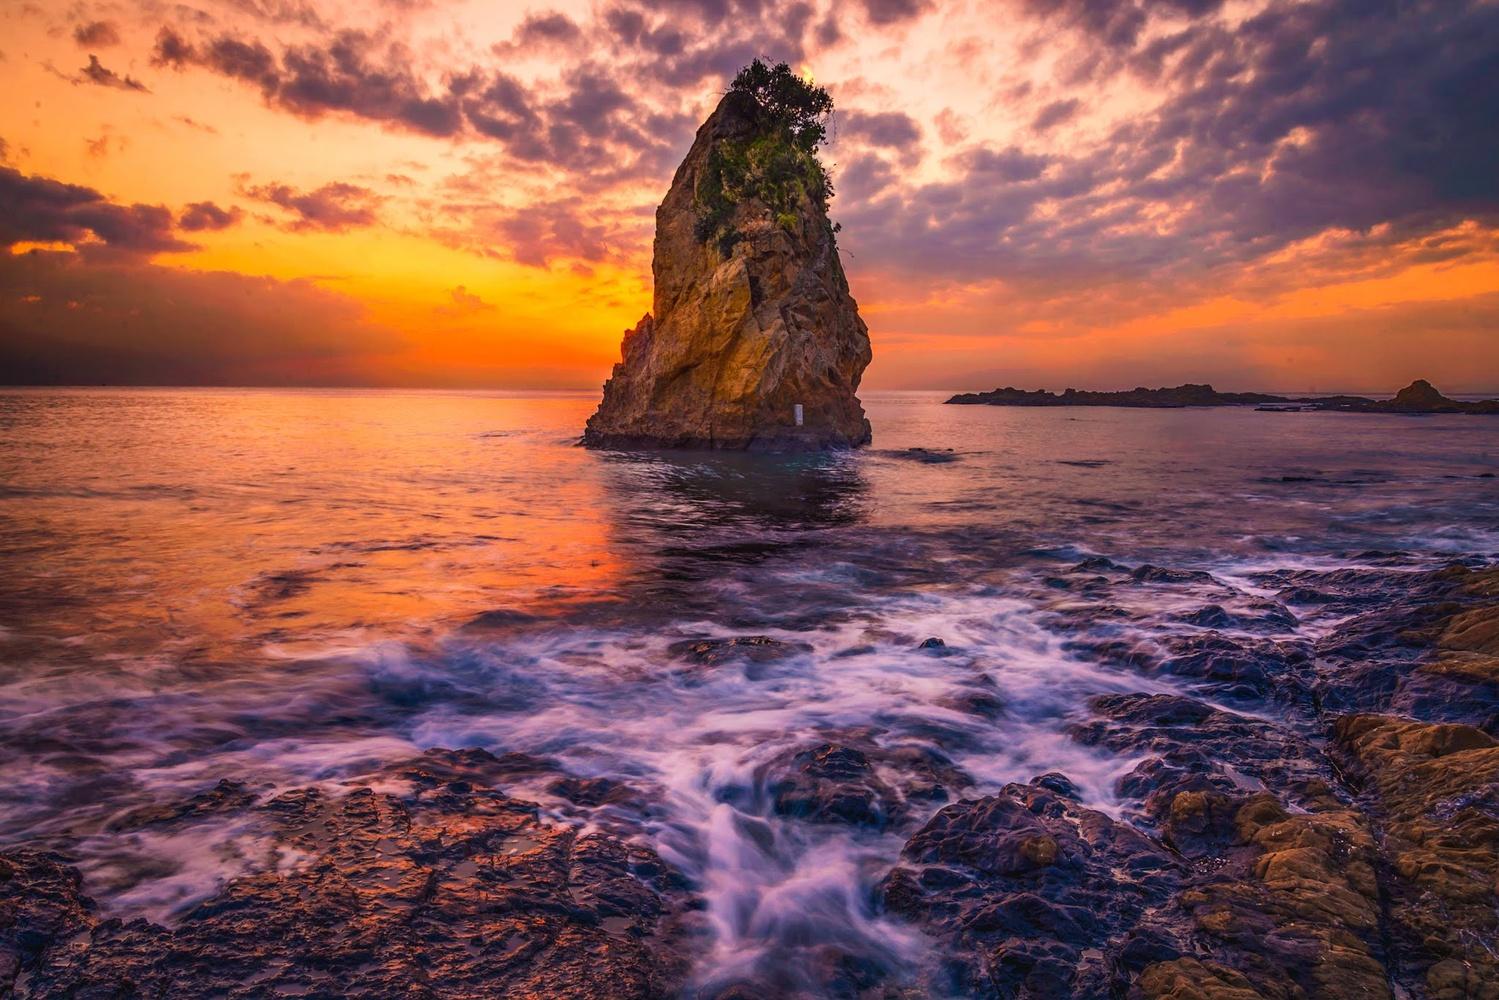 sunset by komine takehiro